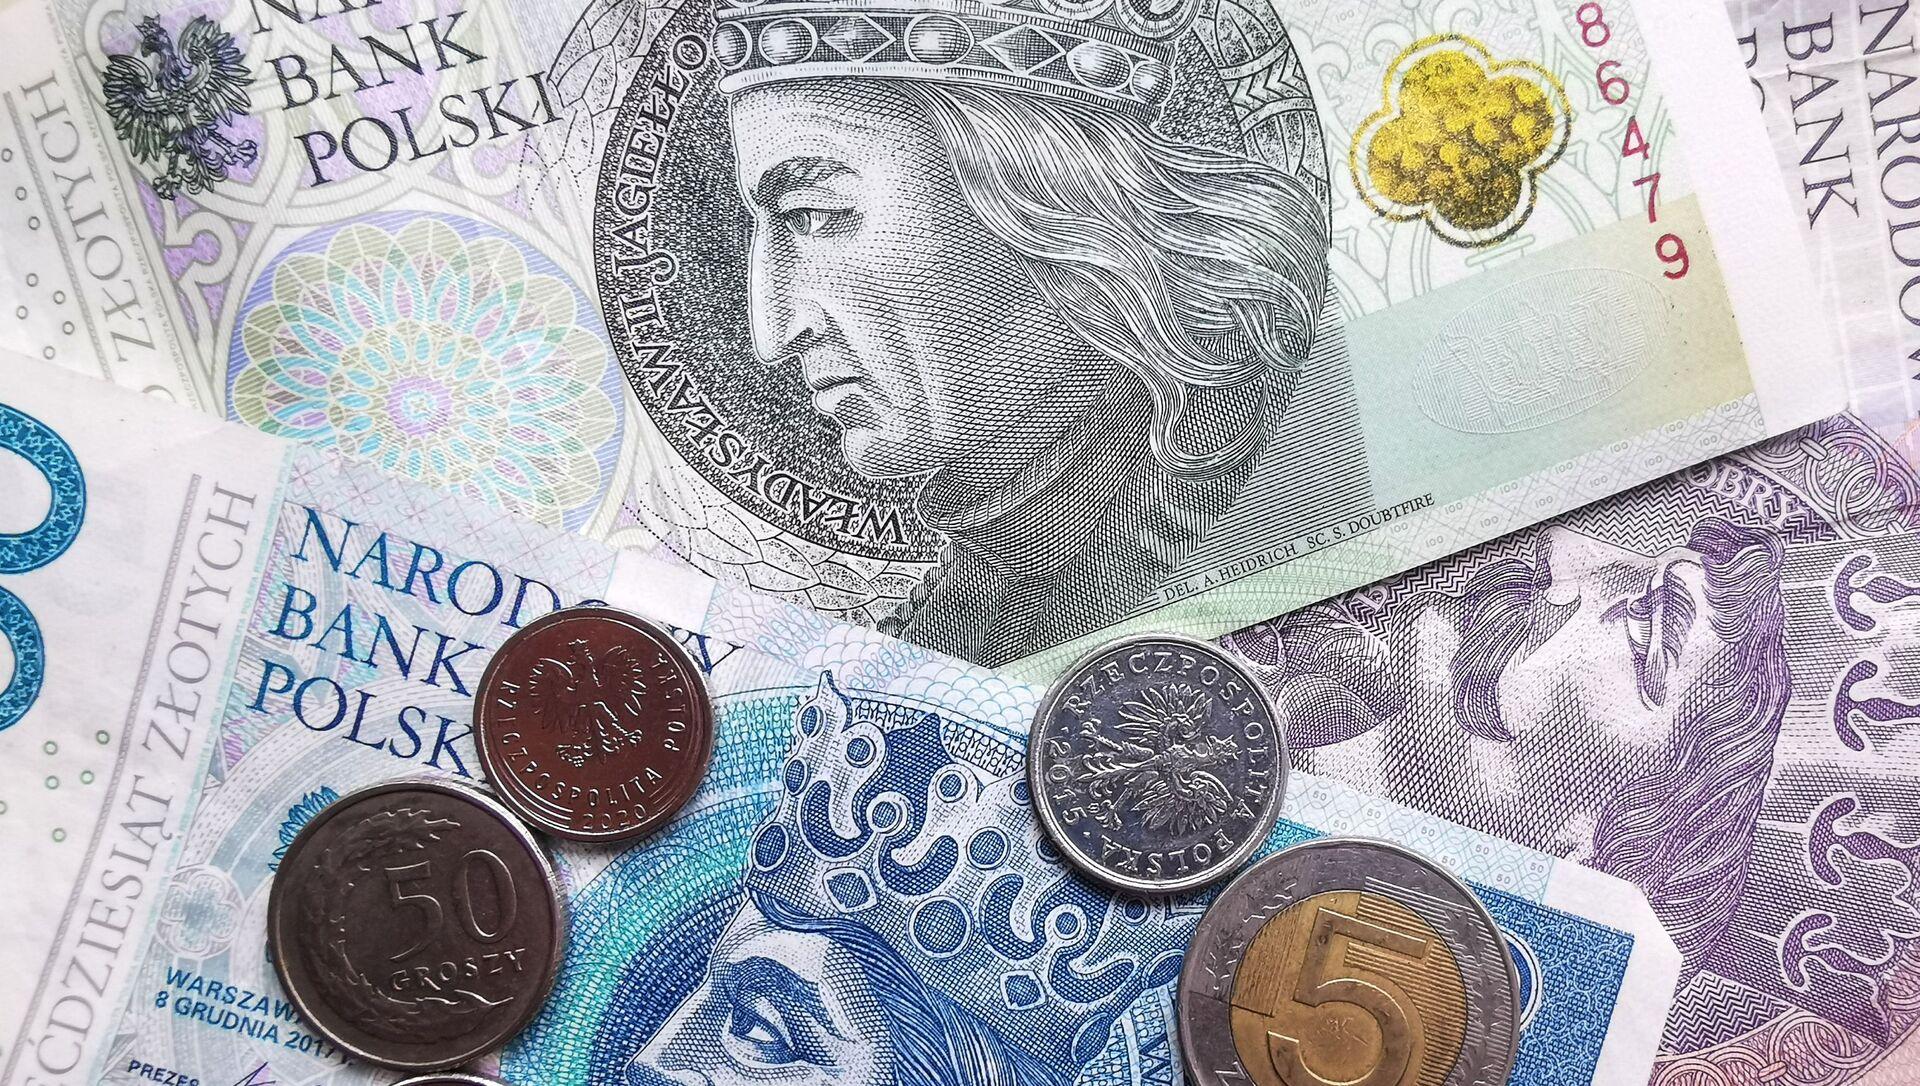 Polskie pieniądze - Sputnik Polska, 1920, 21.02.2021